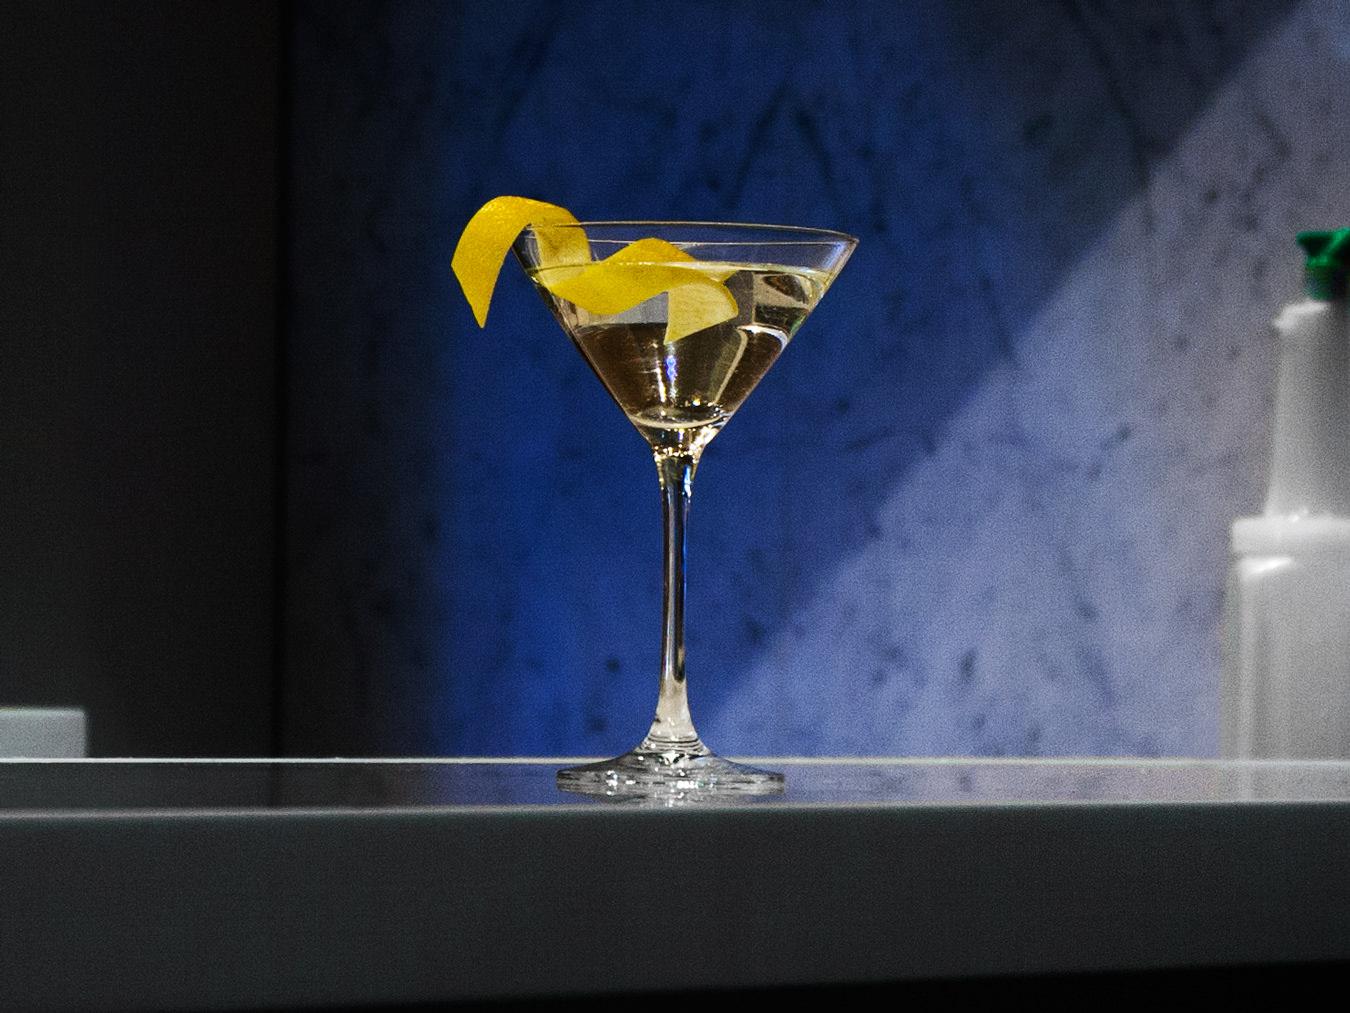 Explaining the Martini